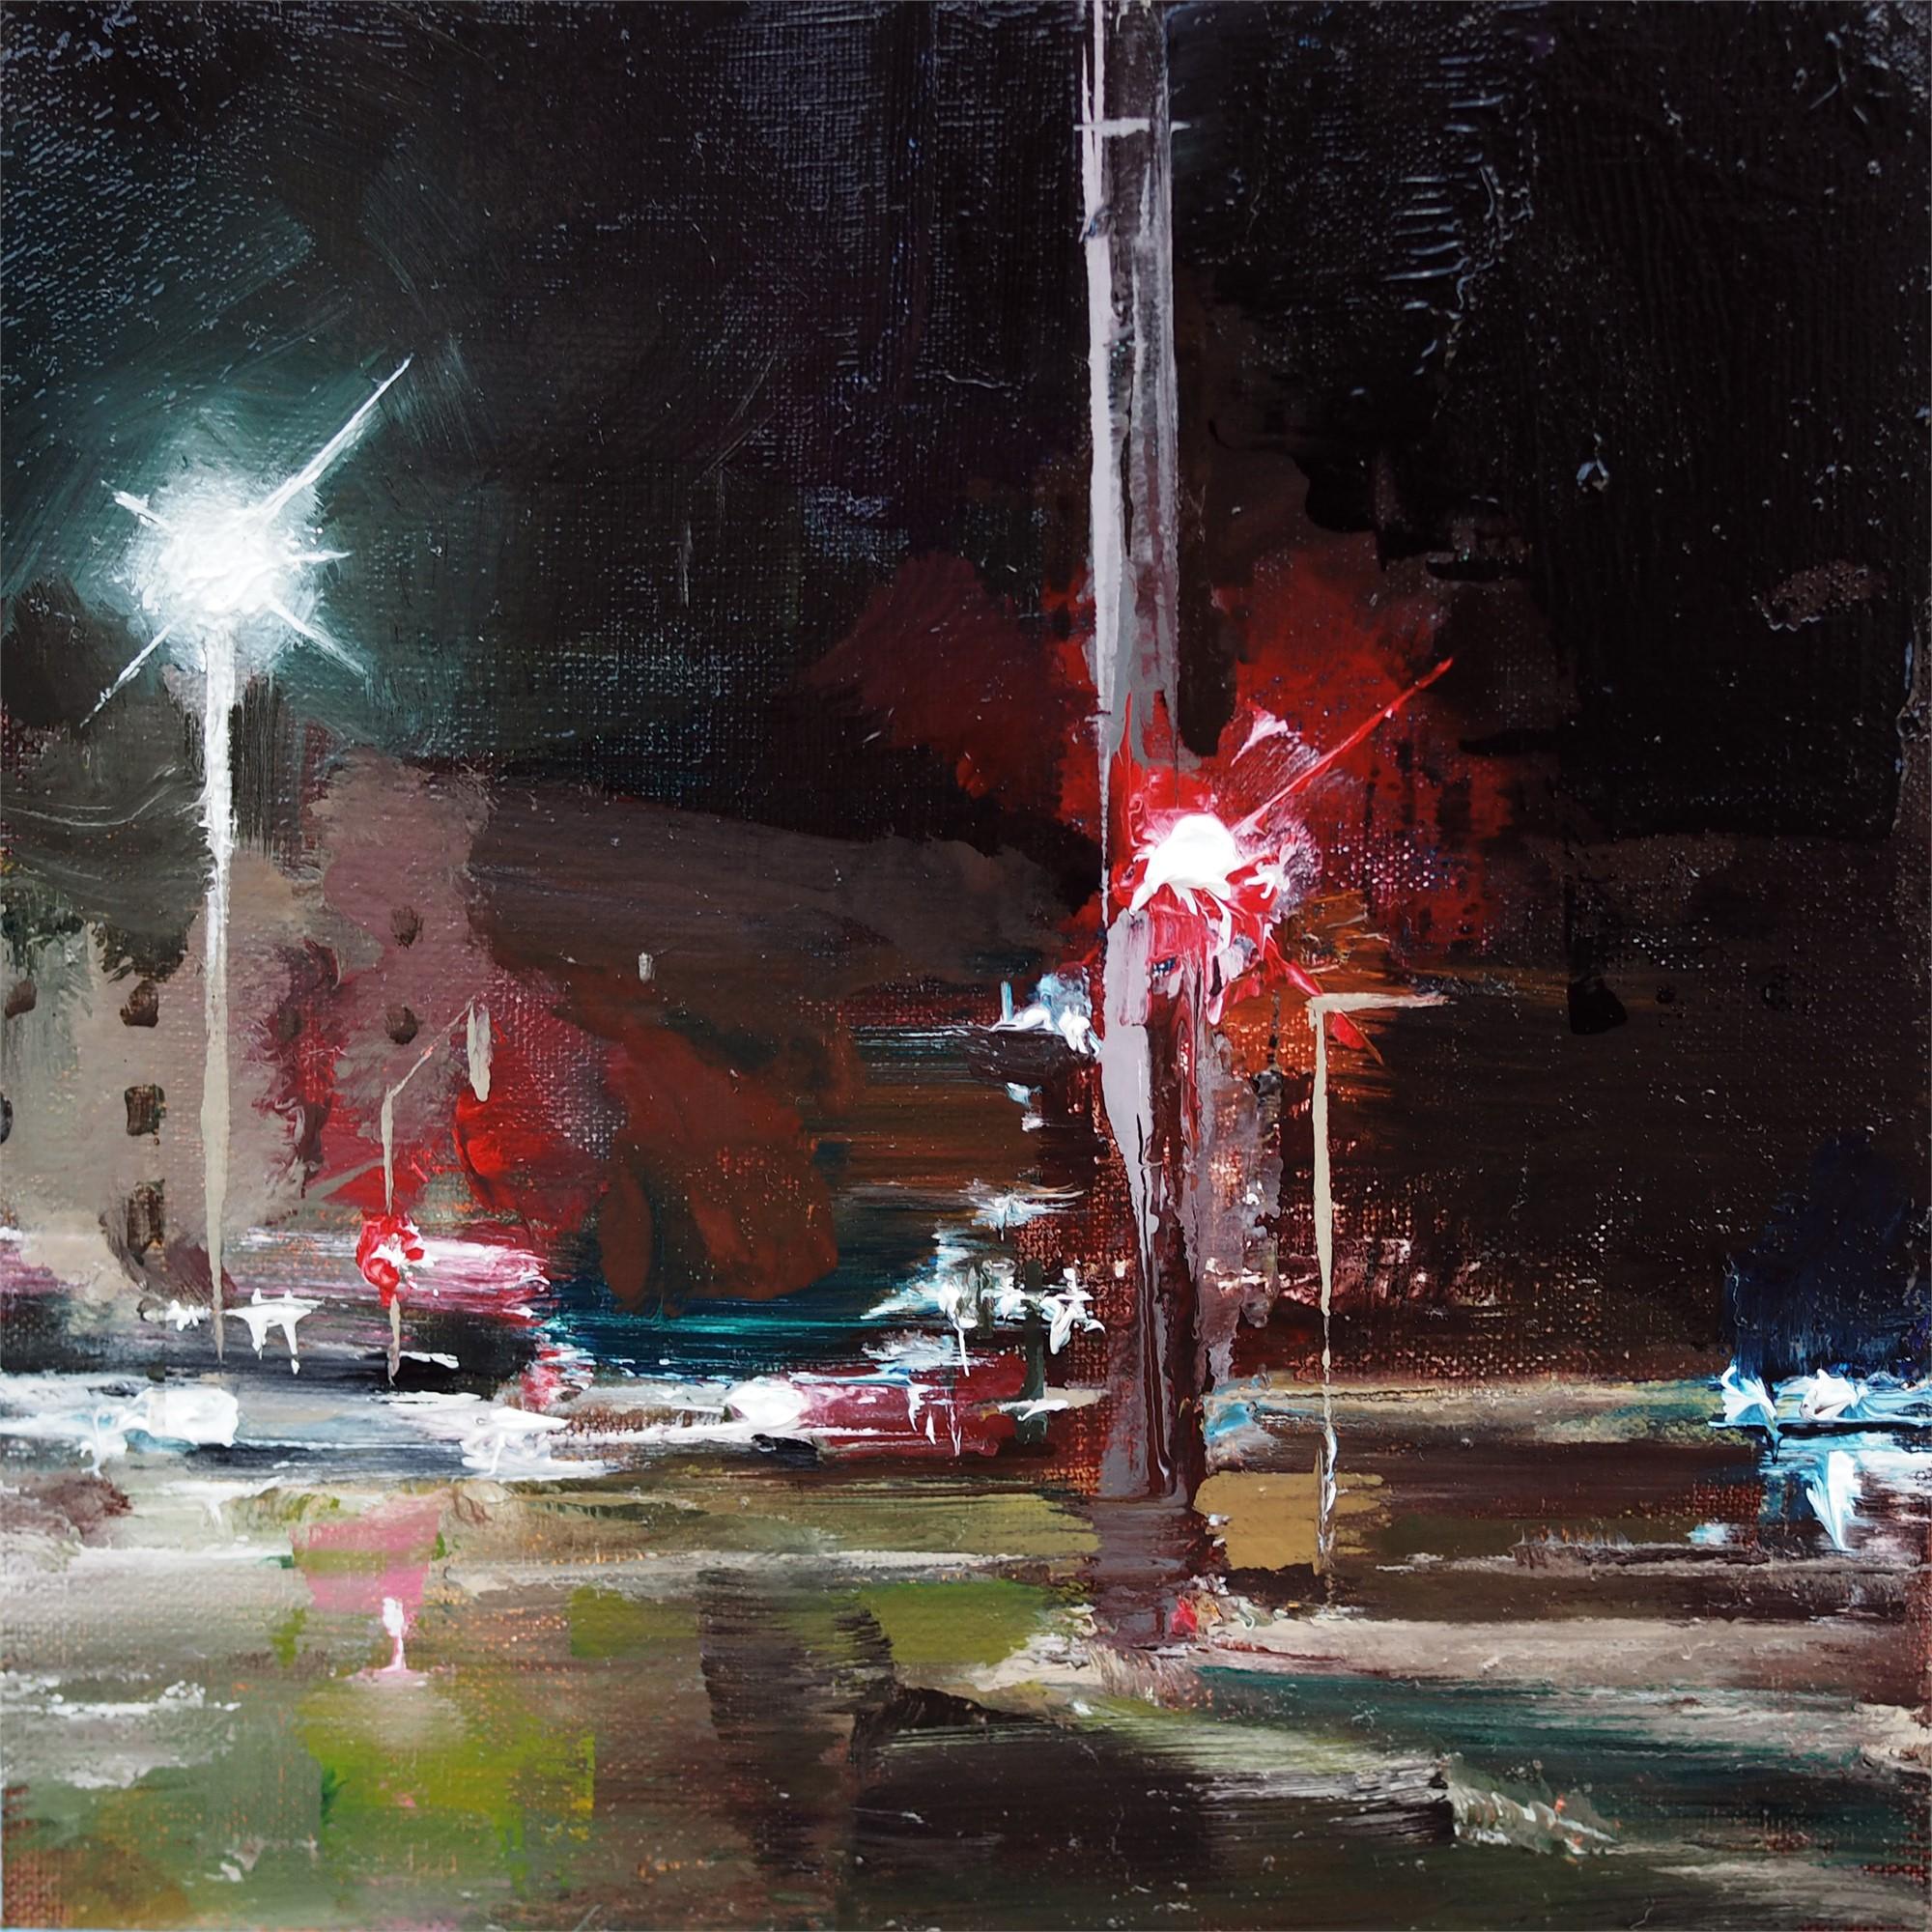 Traffic Study IV by Heiko Mattausch